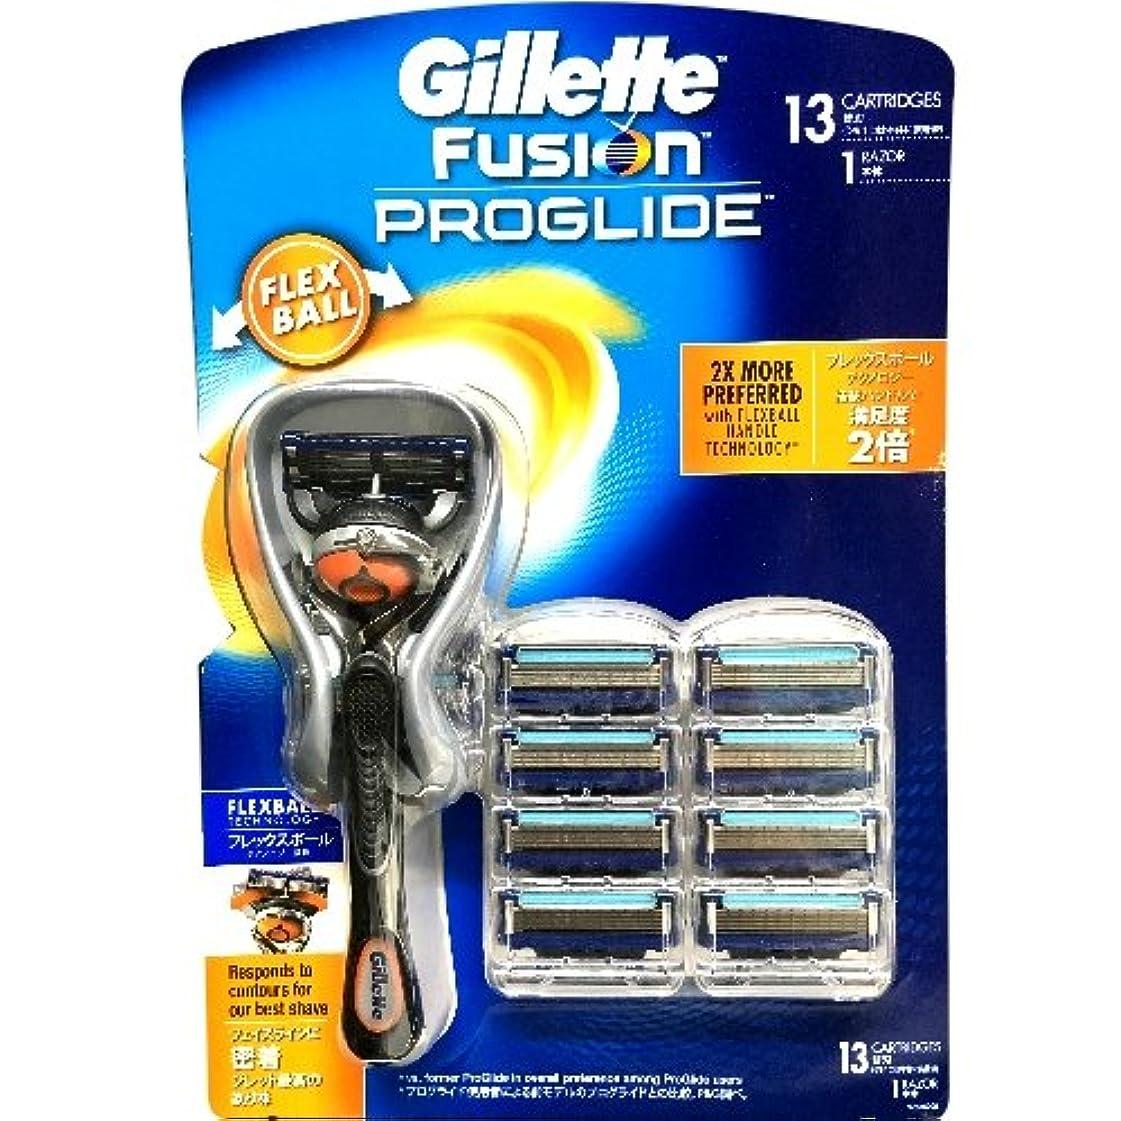 予測おばあさん誠実Gillette Fusion PROGLIDE ジレット フュージョン プログライド フレックスボール マニュアル ひげ剃り シェーピング 替刃13コ